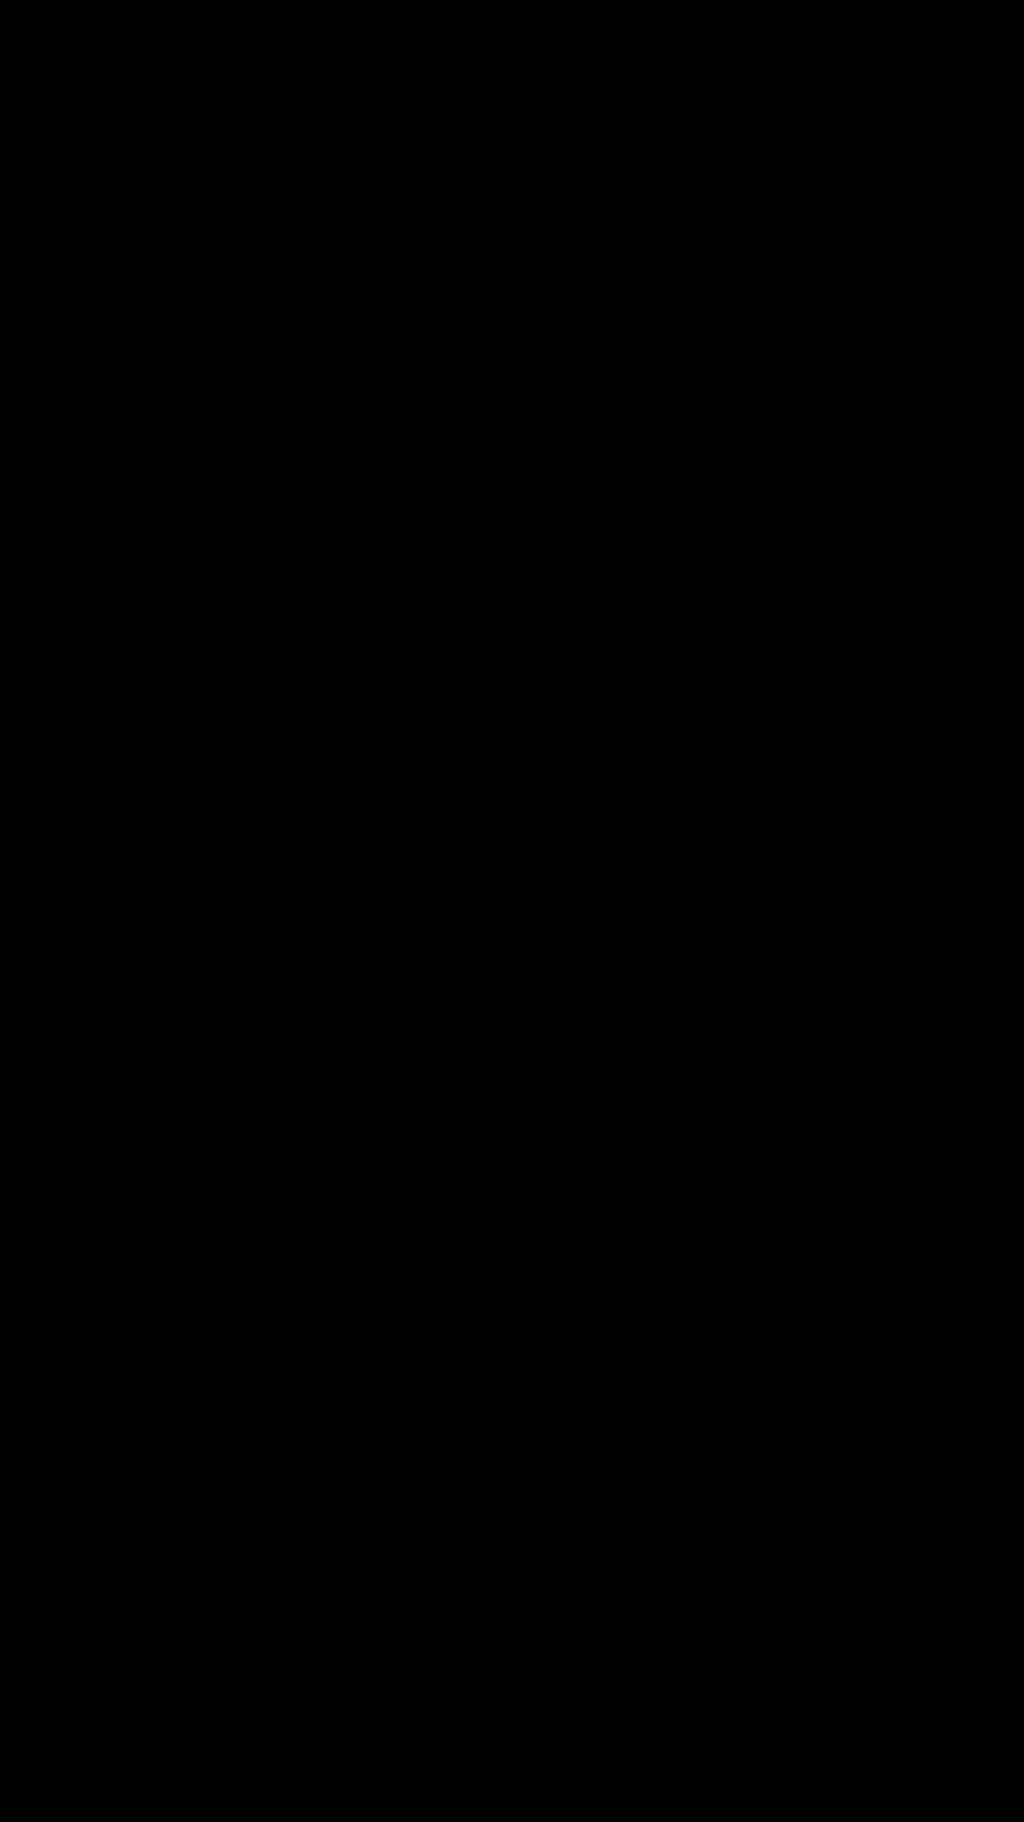 Aceptación de dodecaedro para el I Congreso de Medicina Gráfica.